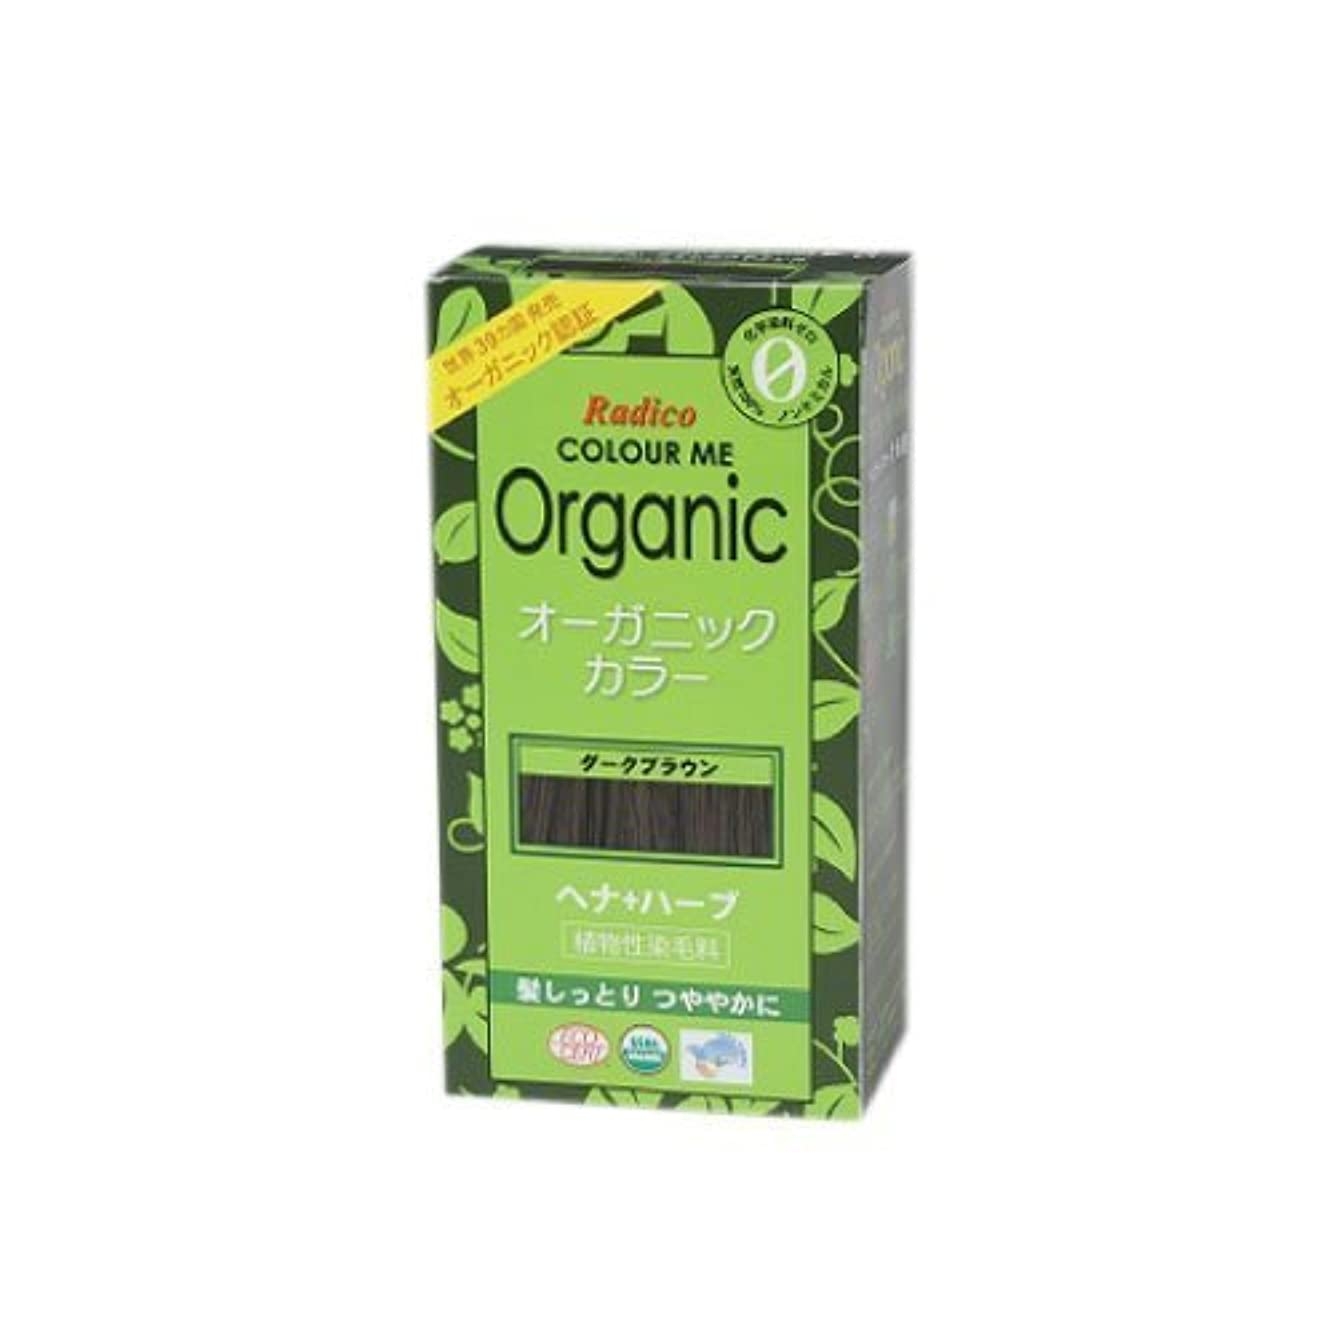 切手時期尚早工夫するCOLOURME Organic (カラーミーオーガニック ヘナ 白髪用) ダークブラウン 100g